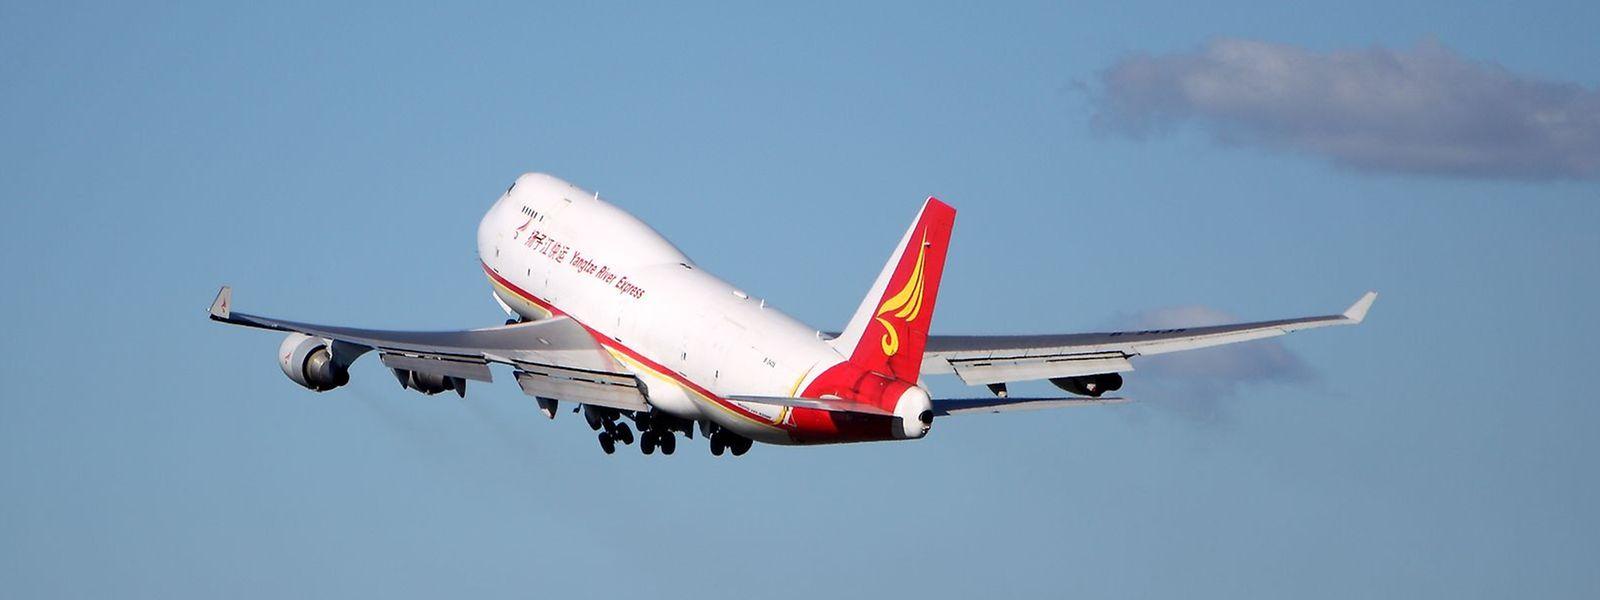 Yangtze ist der fünftwichtigste Kunde der Luftfracht-Drehscheibe Luxemburgs.